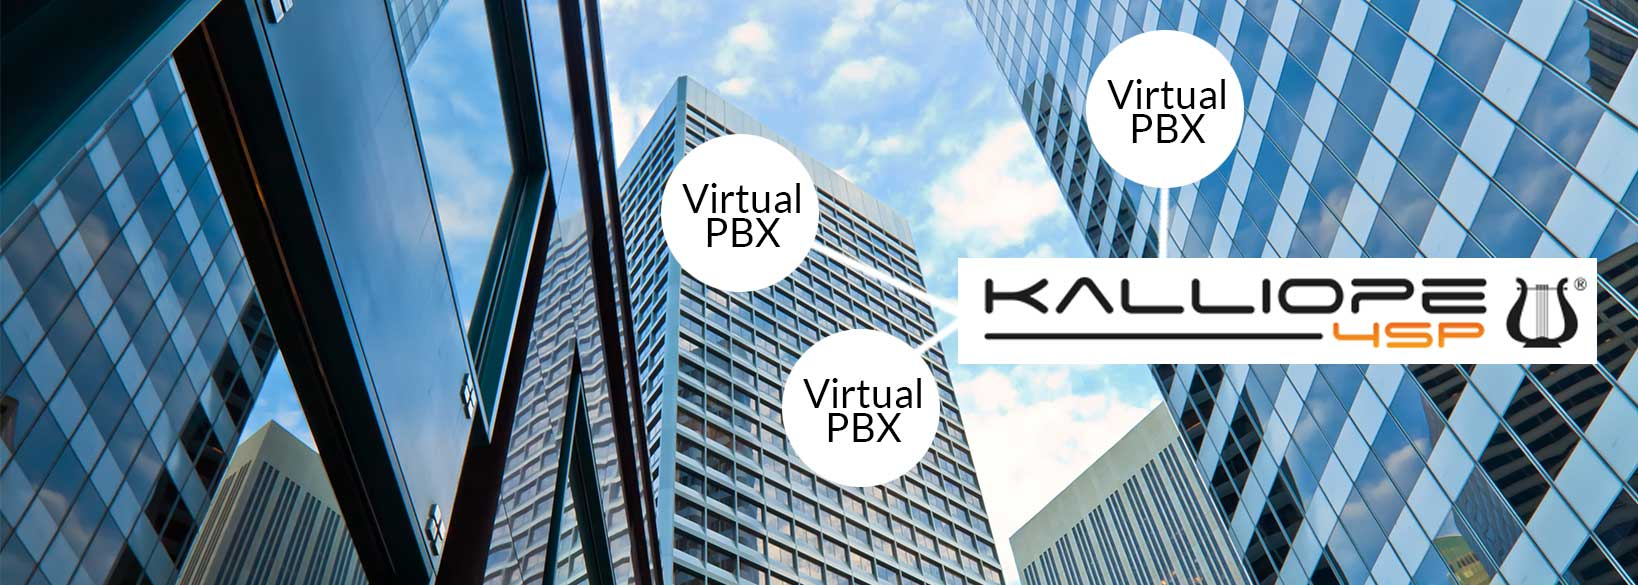 5 Luglio 2019: Corso VoIP Centrale Kalliope4SP